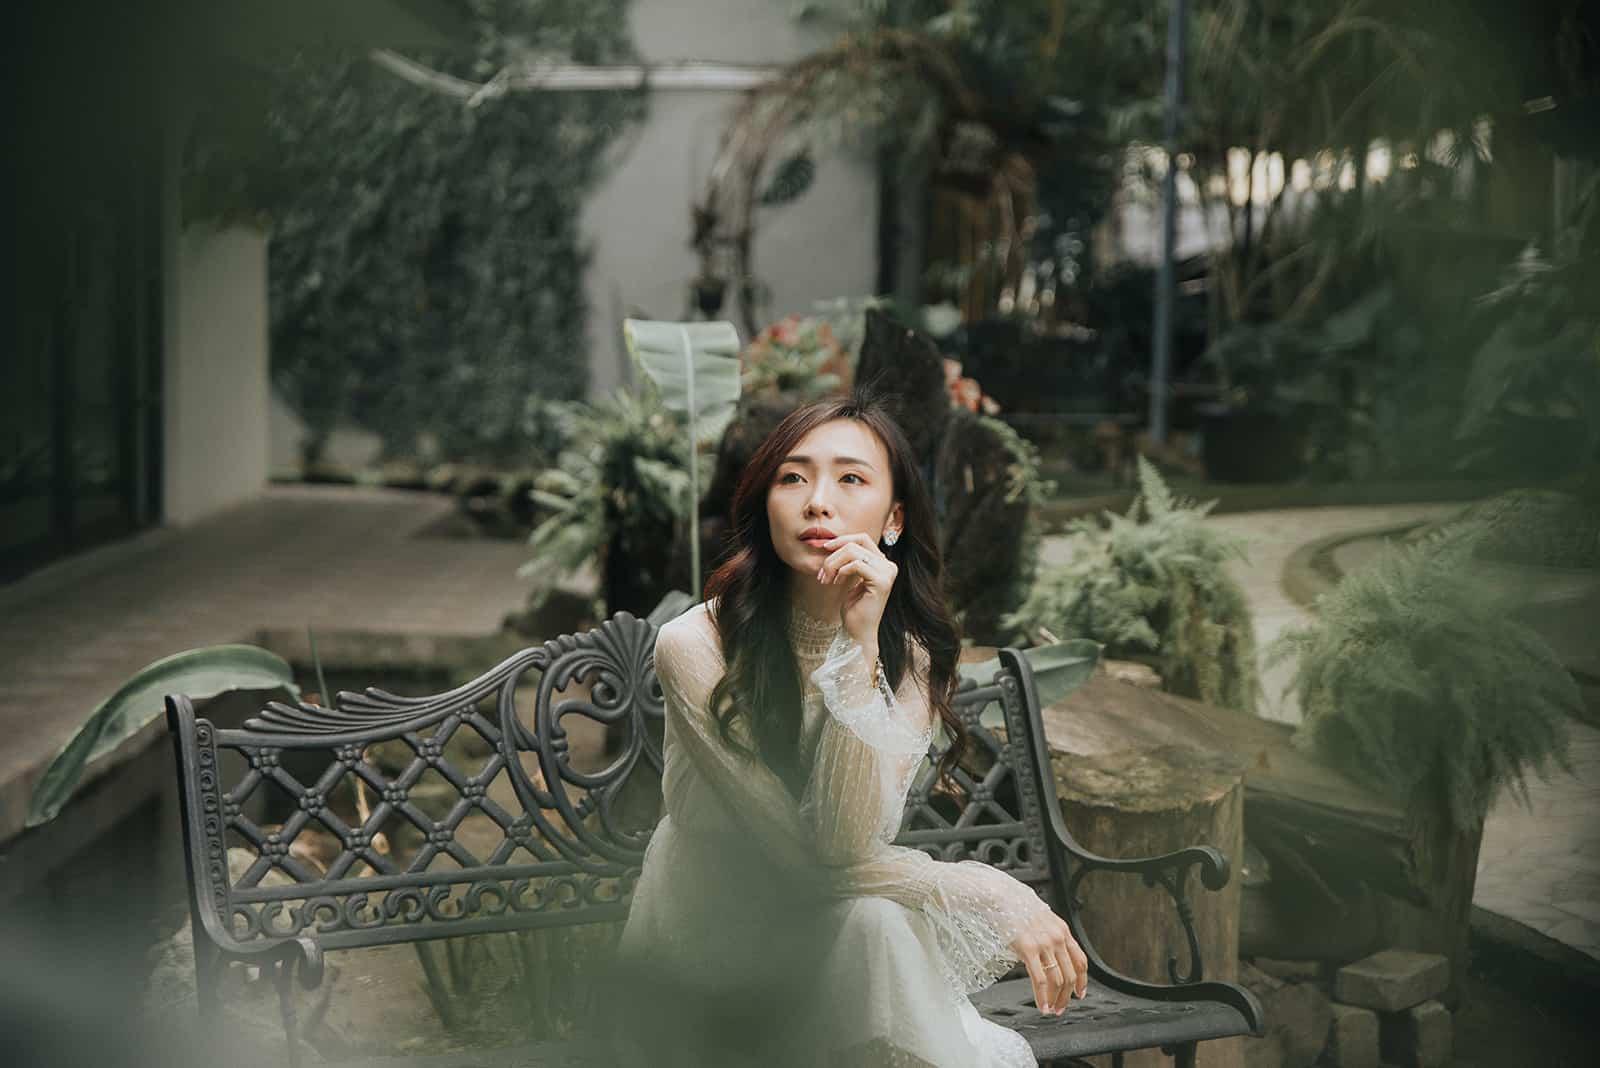 eine ruhige Frau, die auf der Bank sitzt und nachdenkt